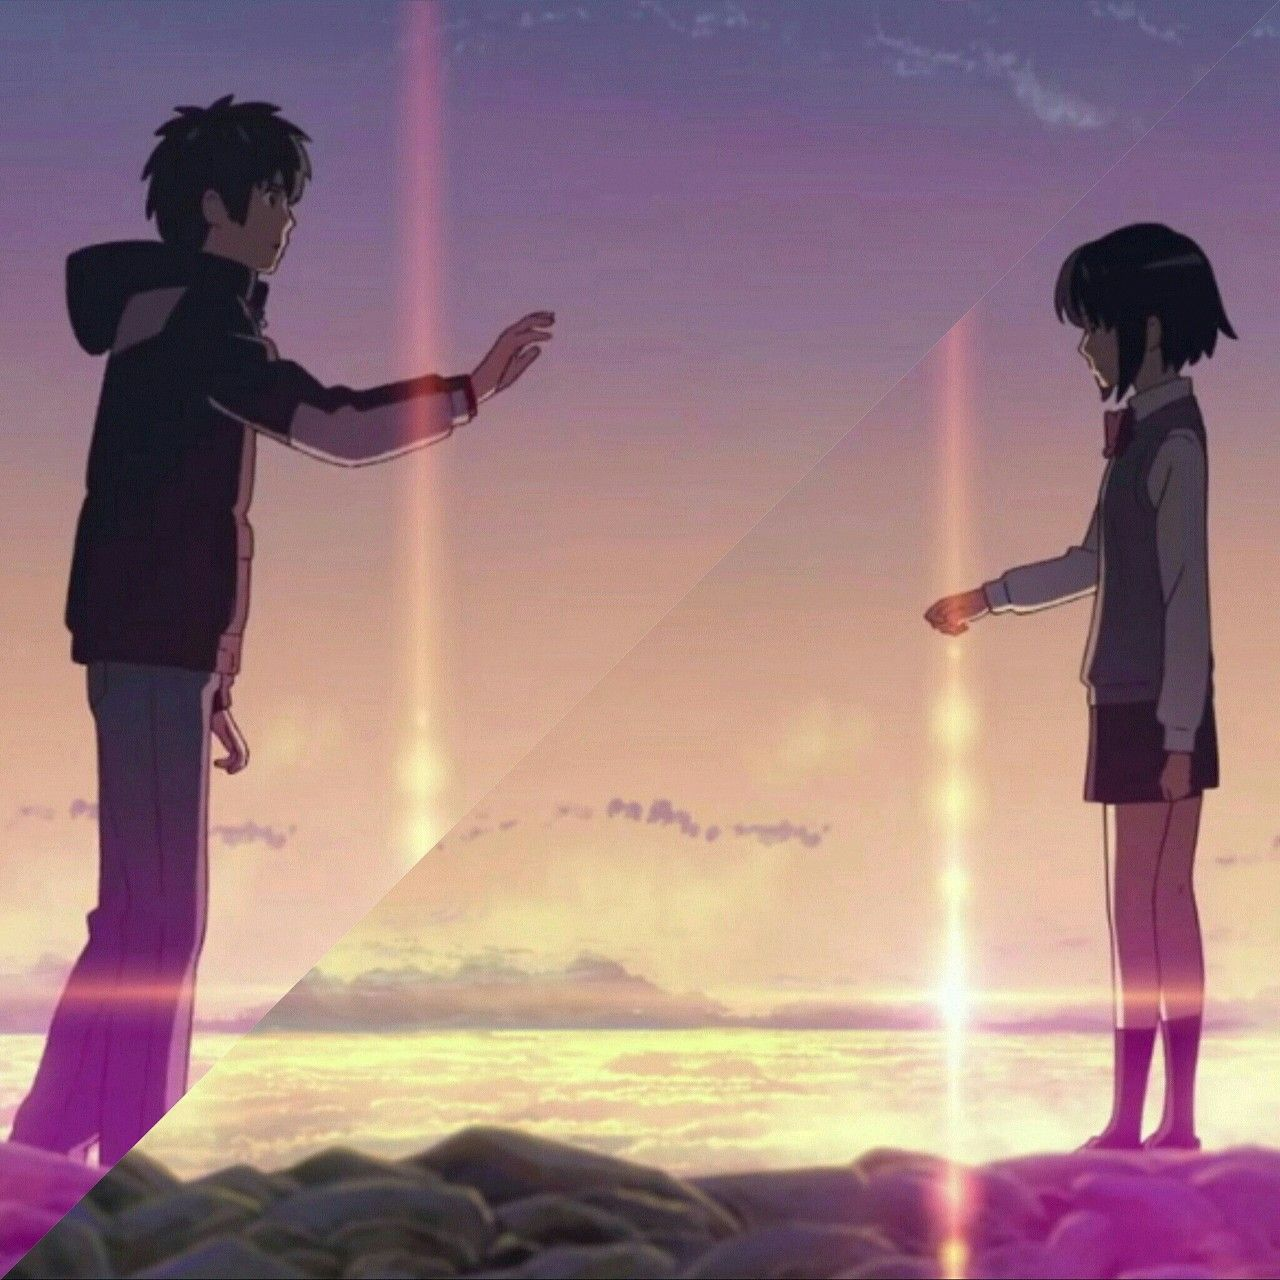 Kimi No Na Wa Pósteres de libros, Películas de anime